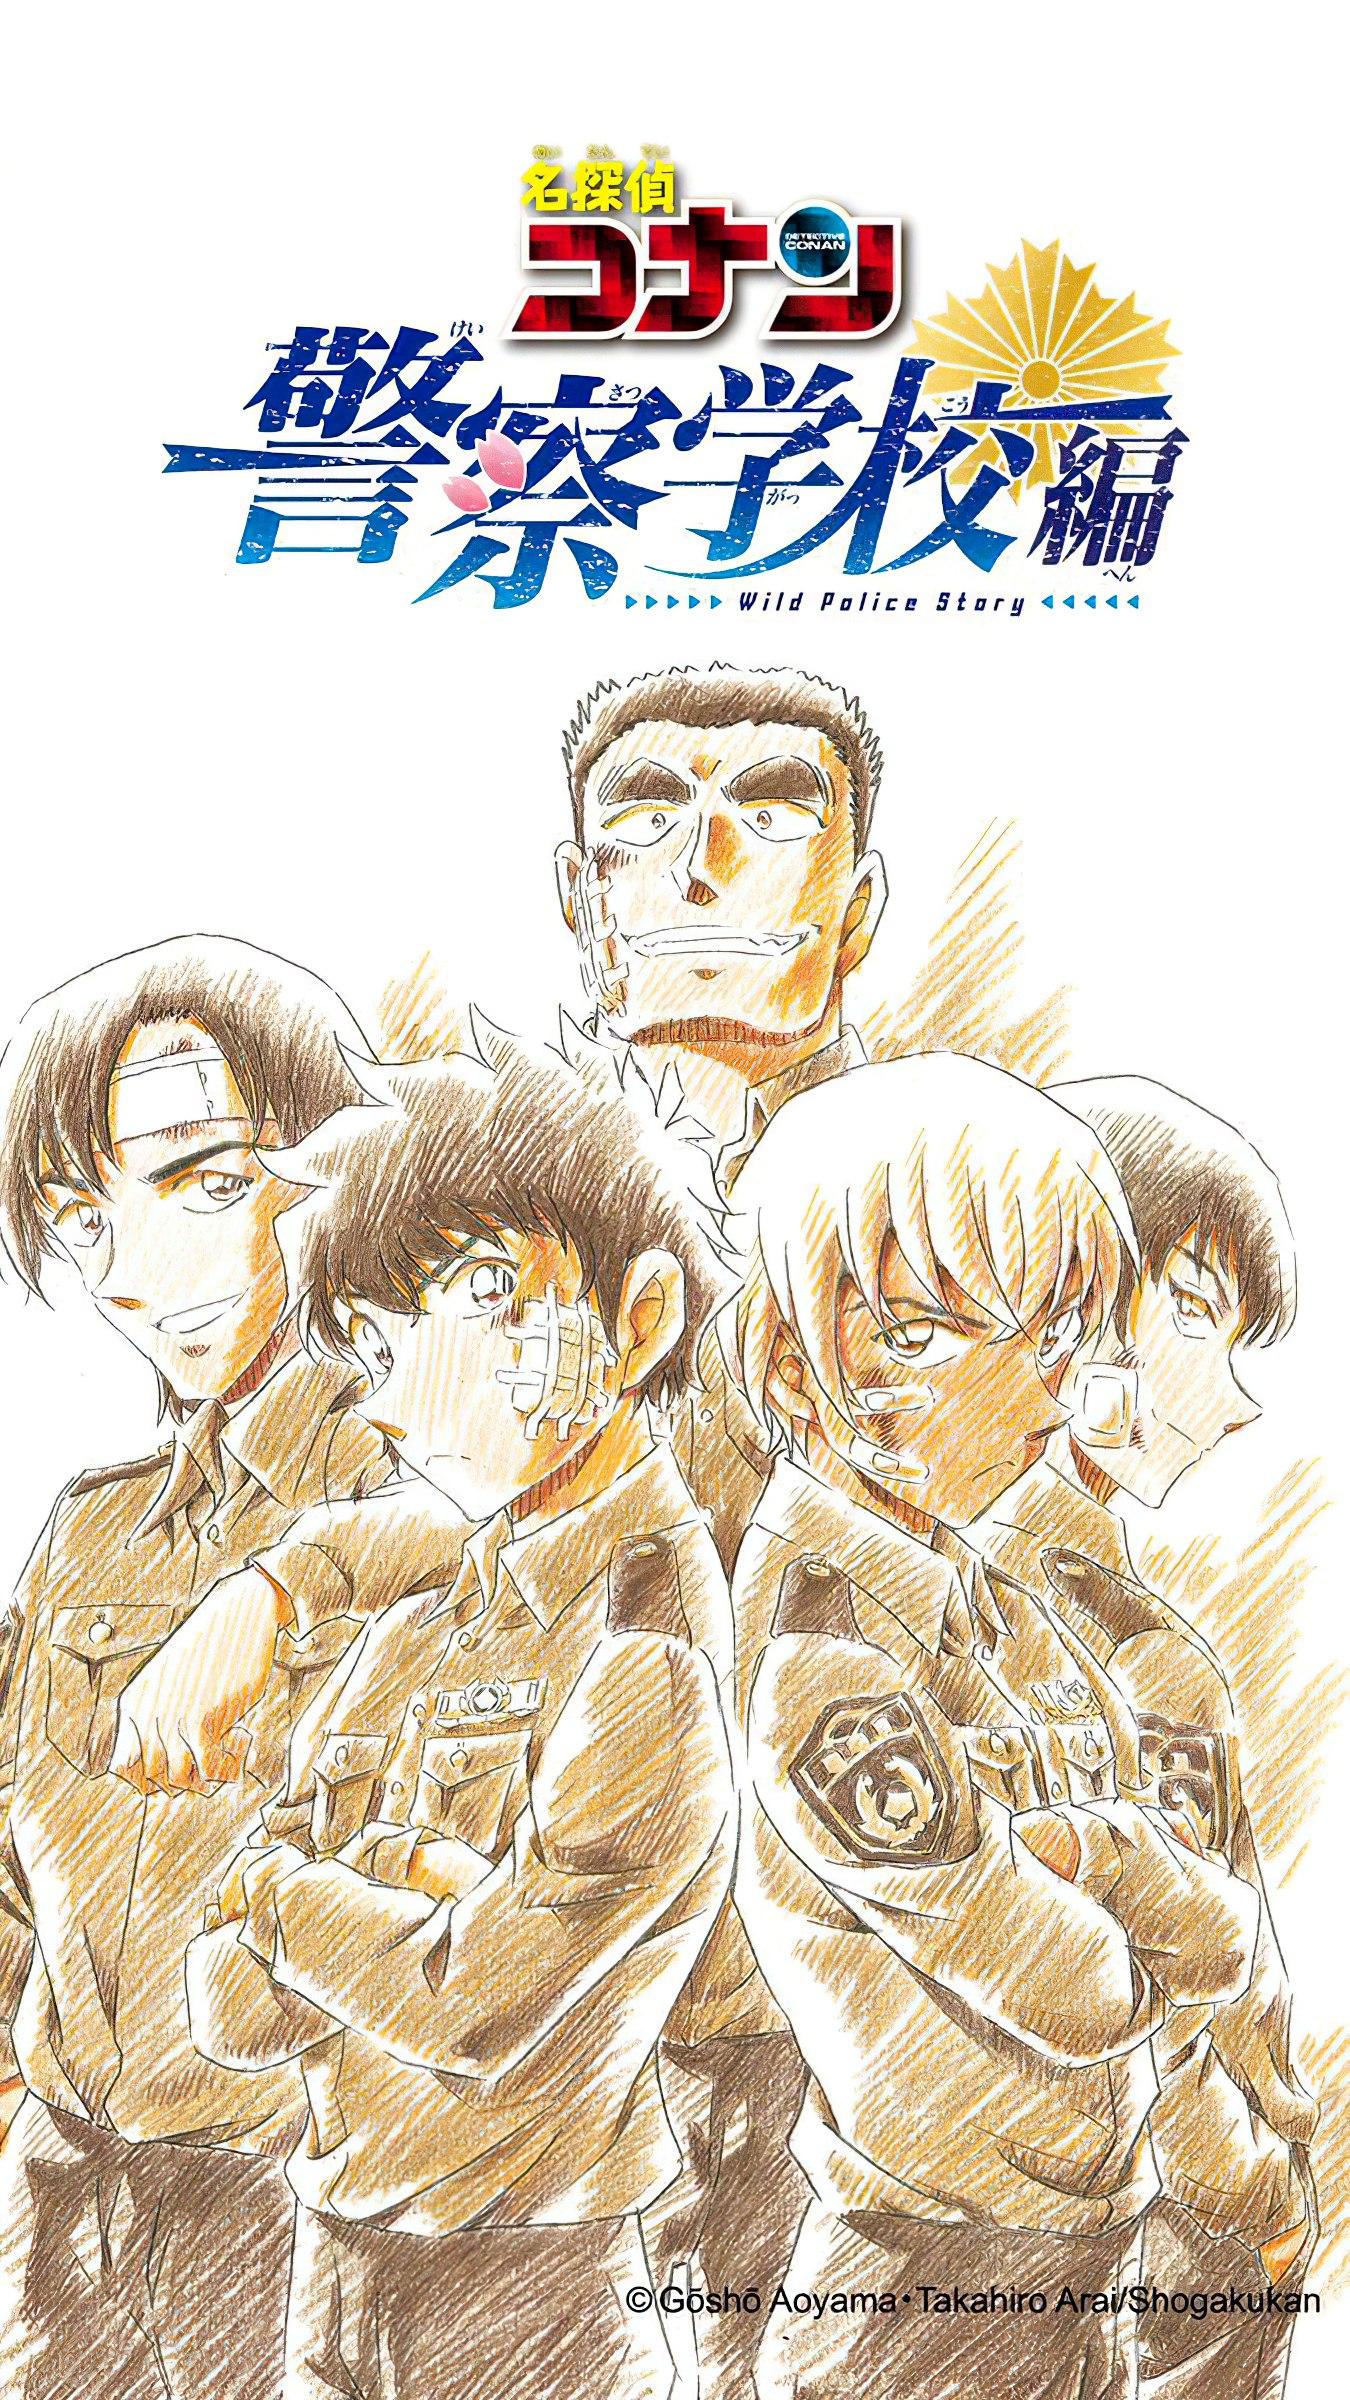 Detective Conan: Keisatsu Gakkou-hen - Wild Police Story